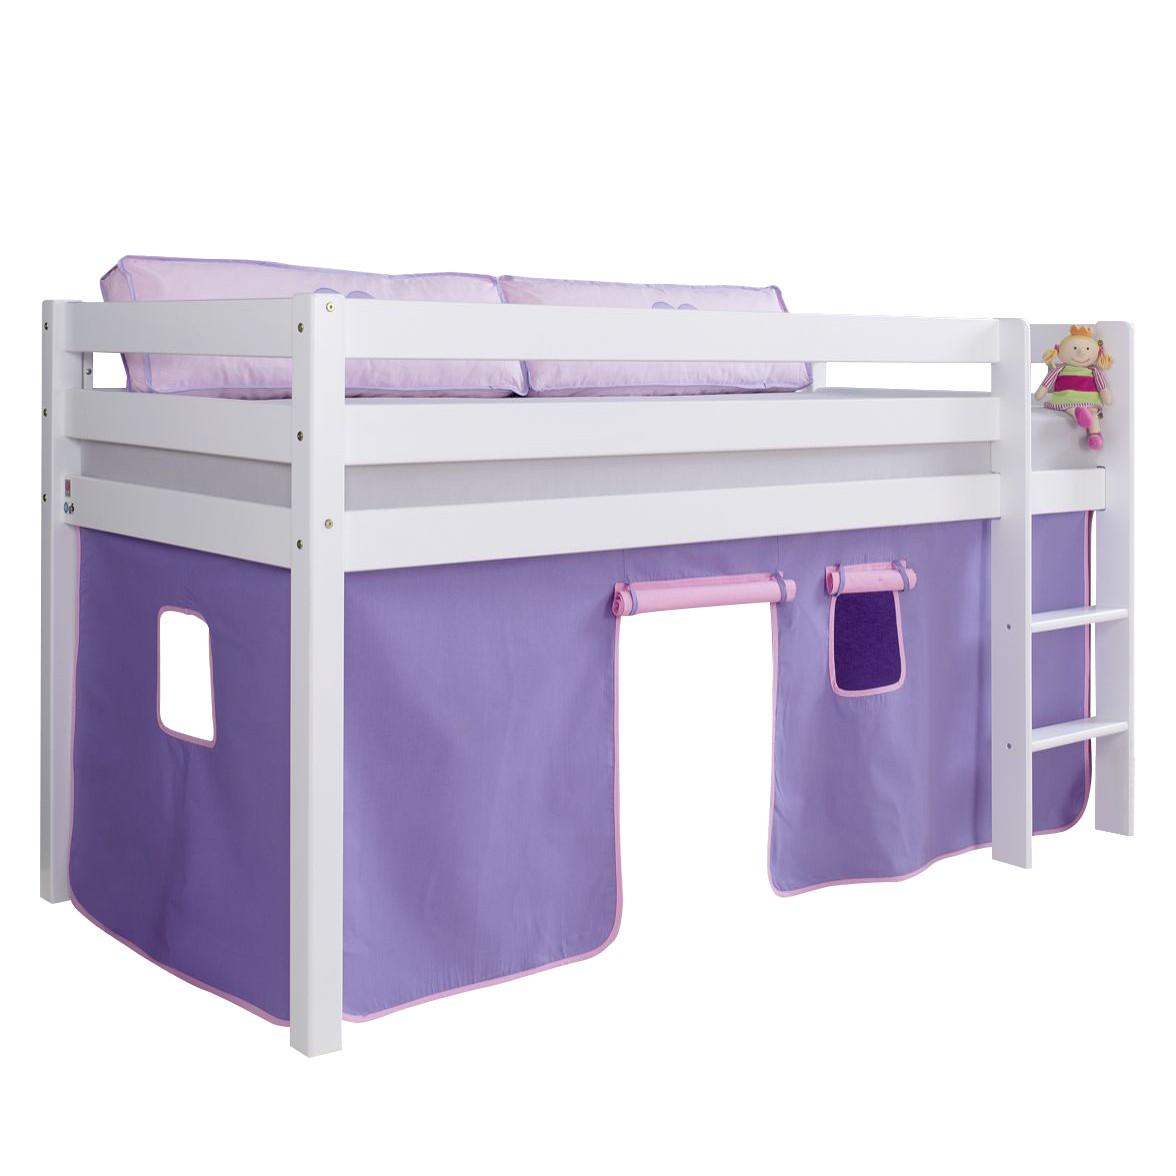 Halbhochbett Alex - Buche massiv - Weiß lackiert - mit Vorhang in Purple/Rosa, Relita